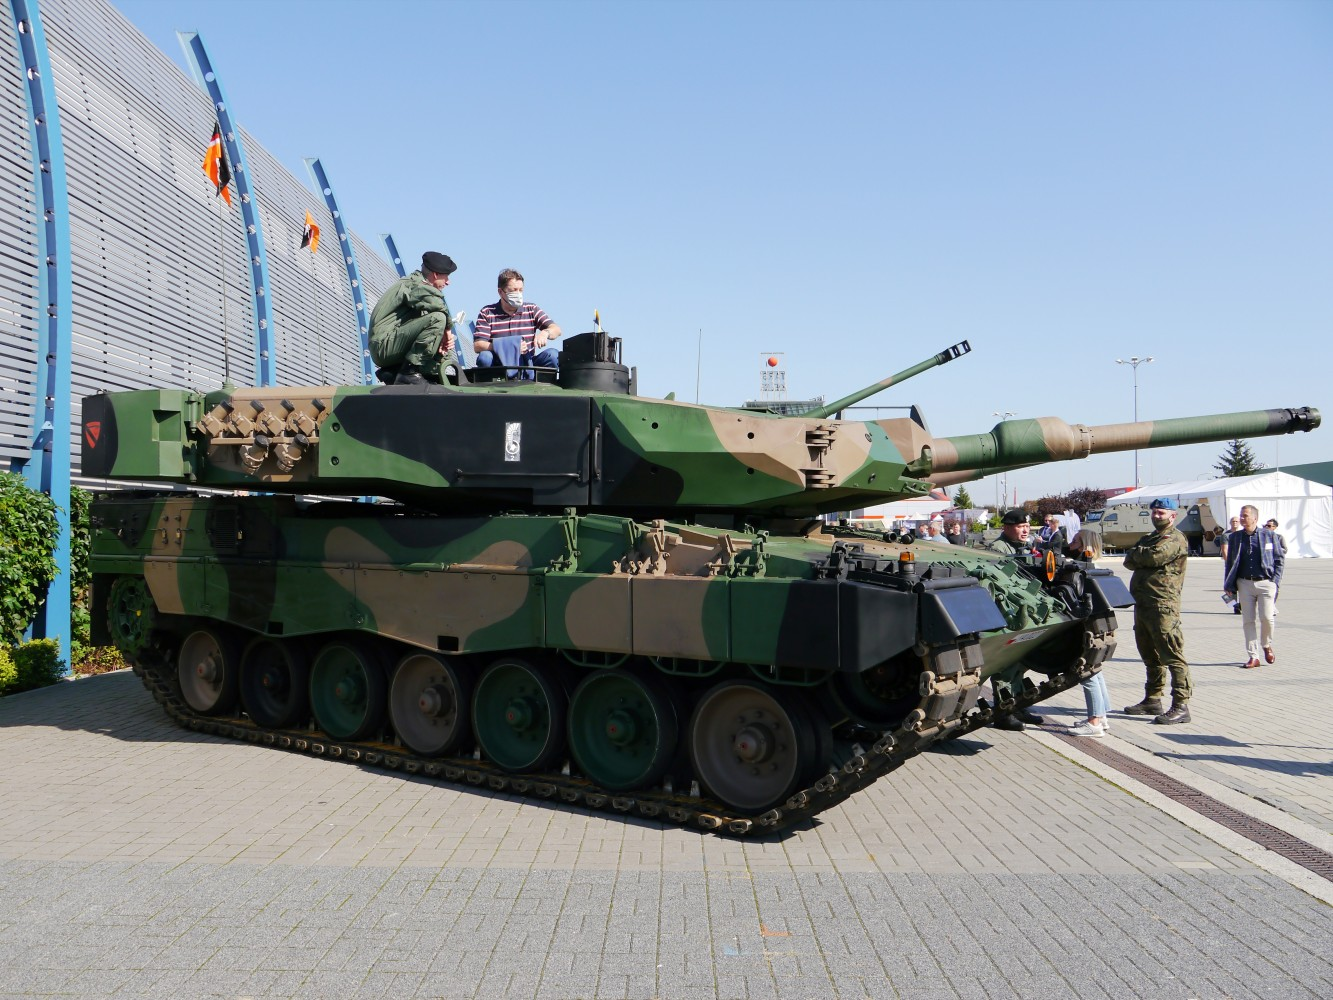 Kliknij obrazek, aby uzyskać większą wersję  Nazwa:Leopard 2PL.jpg Wyświetleń:89 Rozmiar:330,9 KB ID:229706